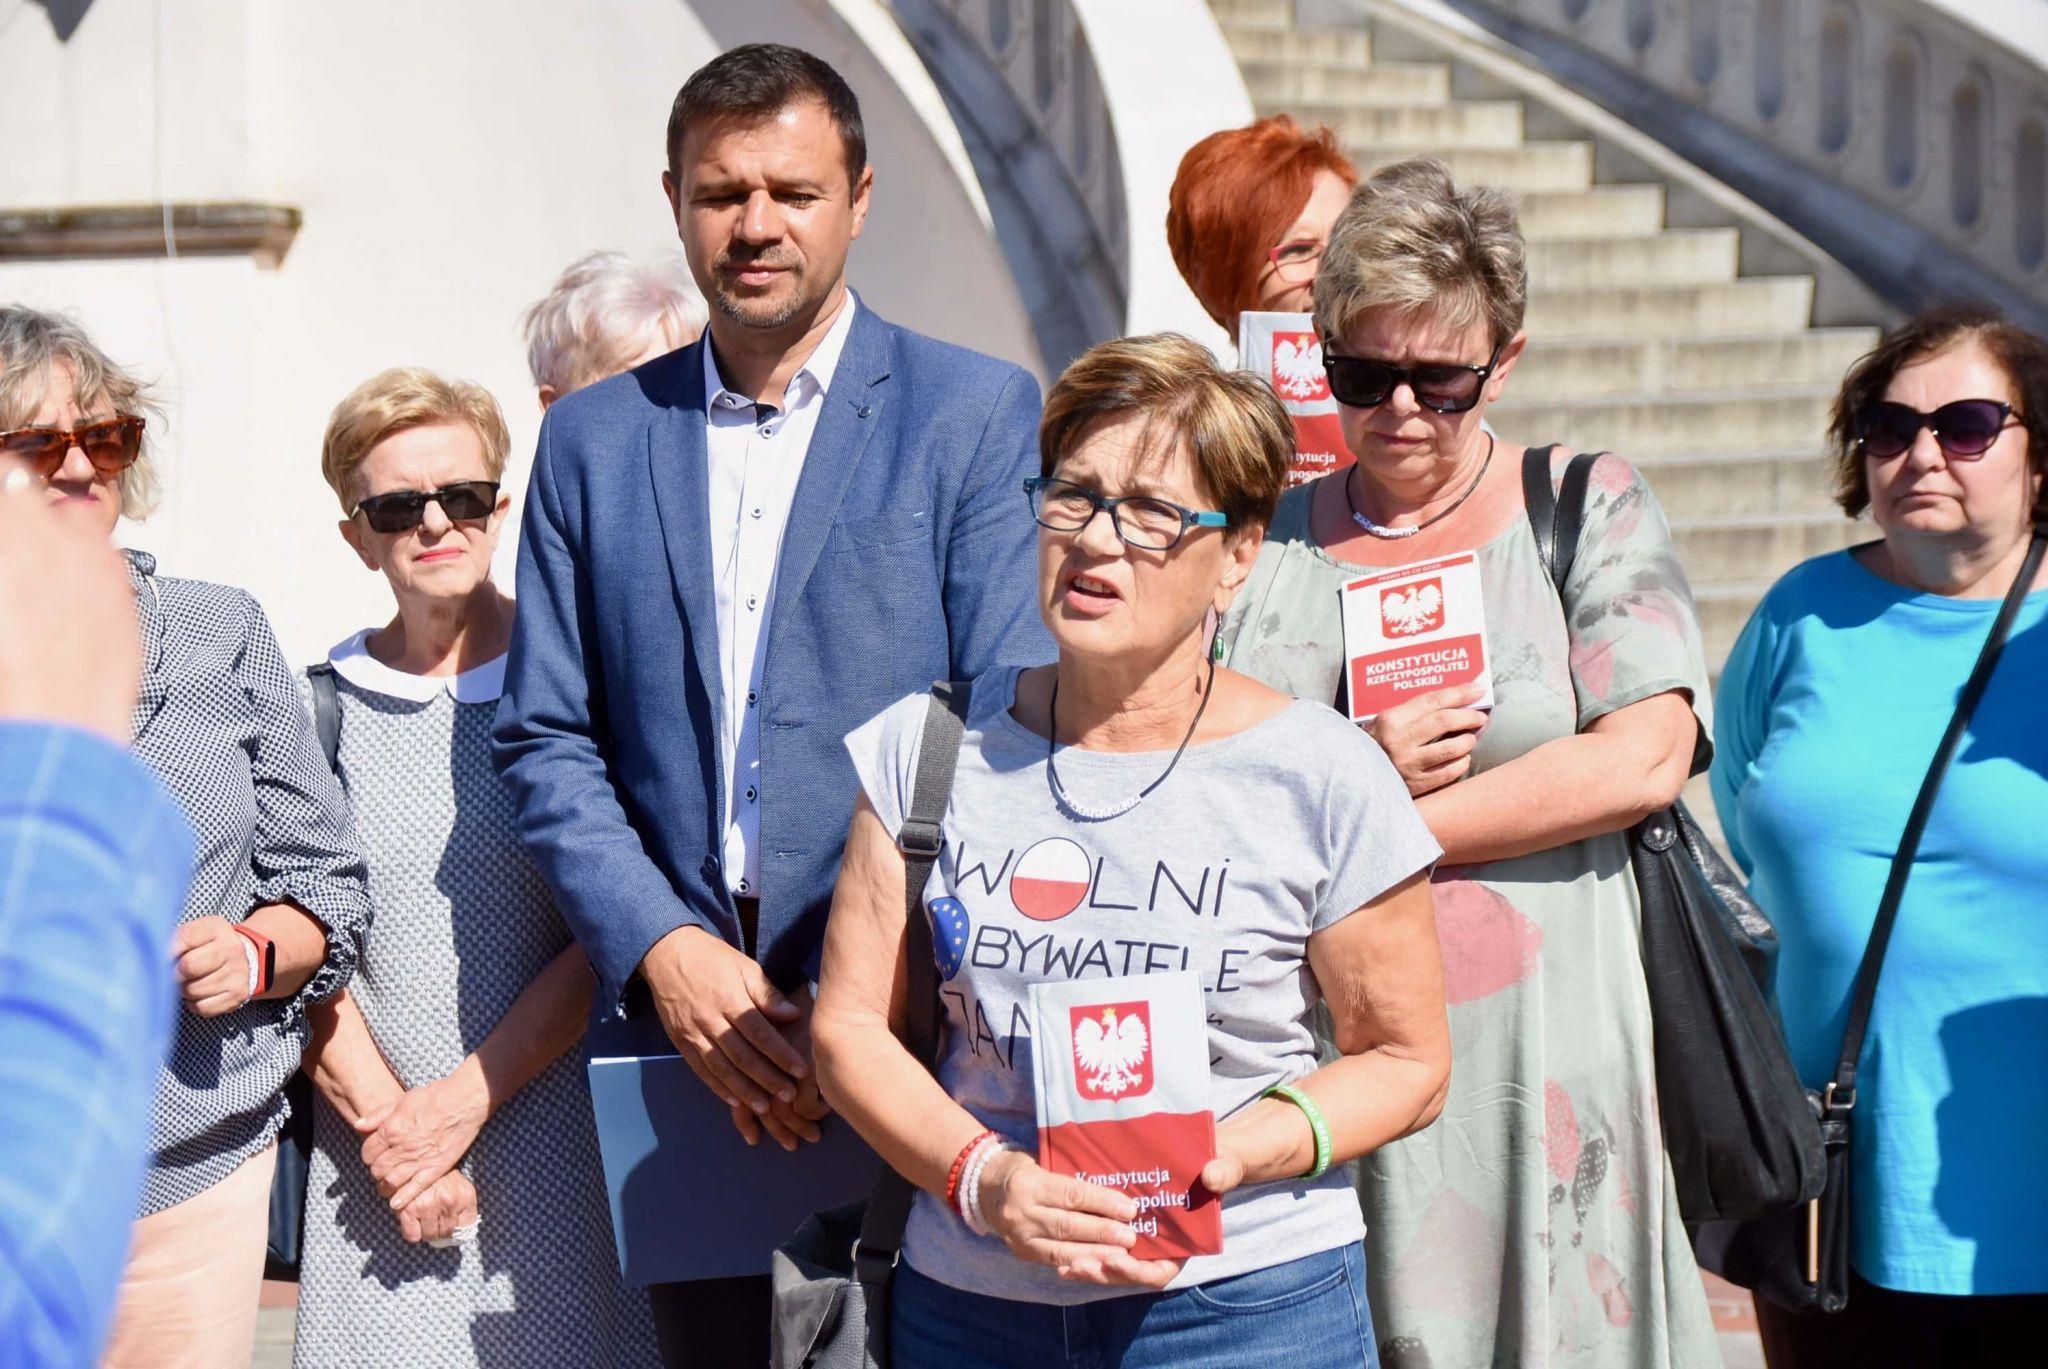 dsc 6598 Zamość: Koalicja Obywatelska przedstawiła kandydatów do sejmu z okręgu nr 7 [ZDJĘCIA, FILM]